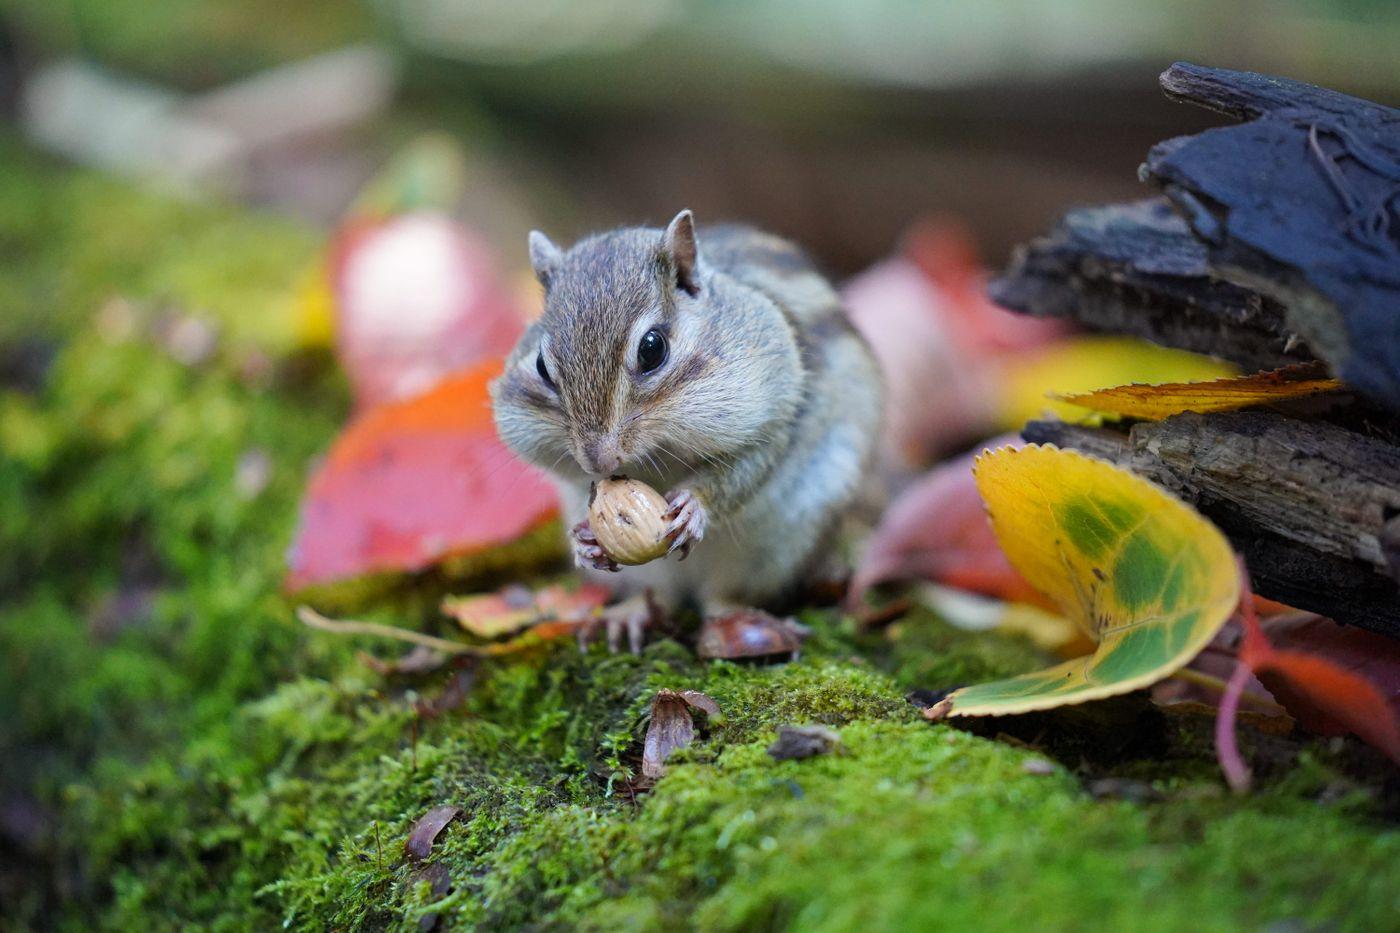 小さな木の実を握るシマリスの写真